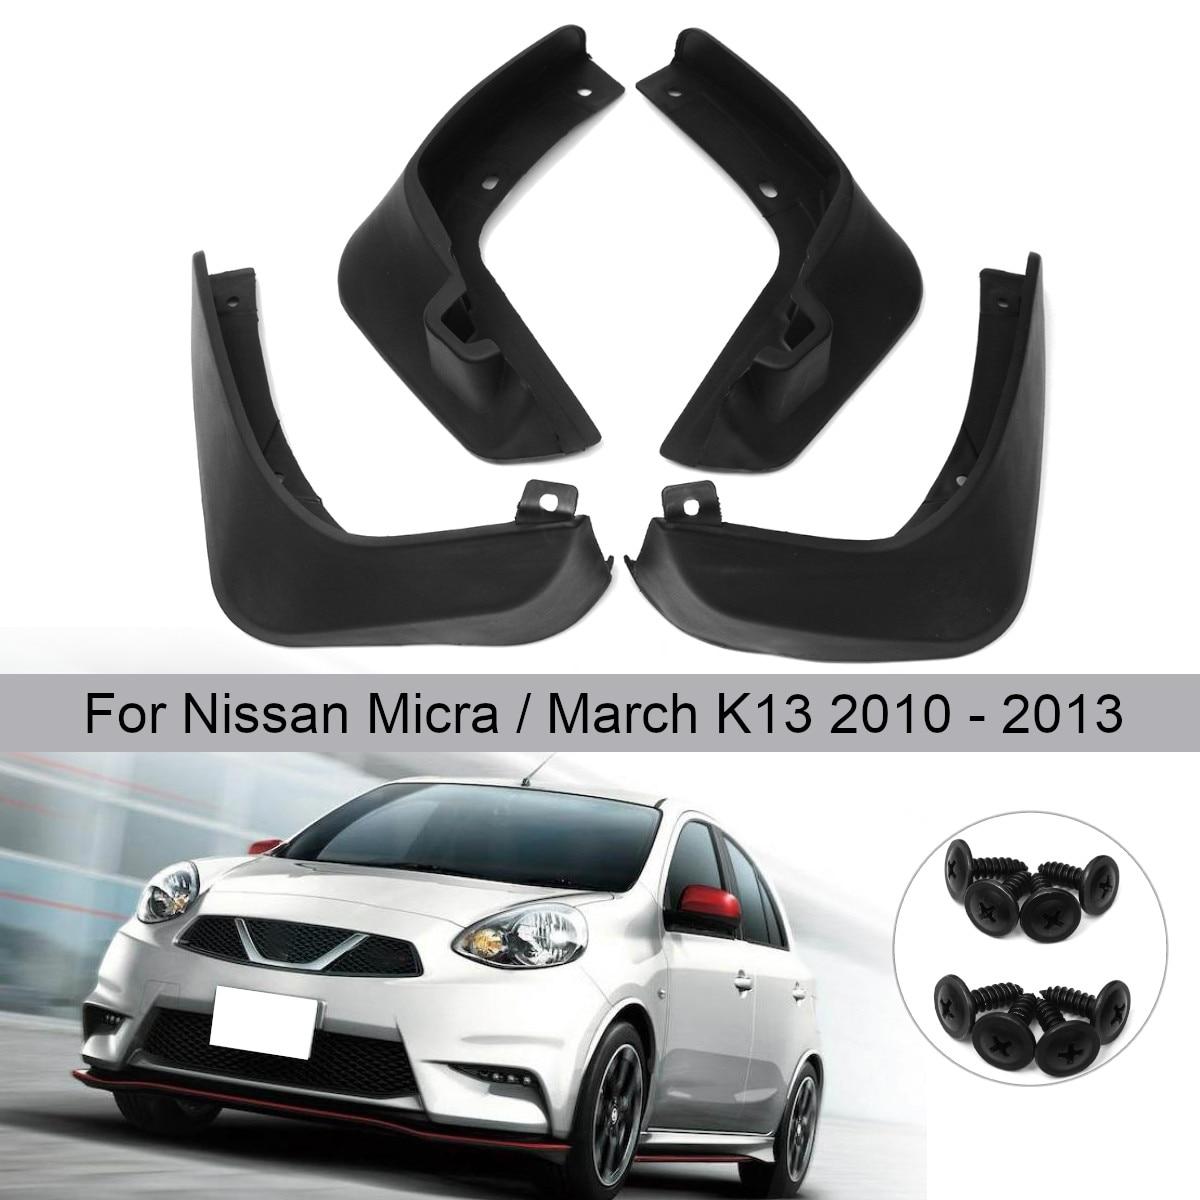 Garde-boue pour garde-boue de voiture garde-boue pour garde-boue pour Nissan Micra/March K13 2010 2011 2012 2013